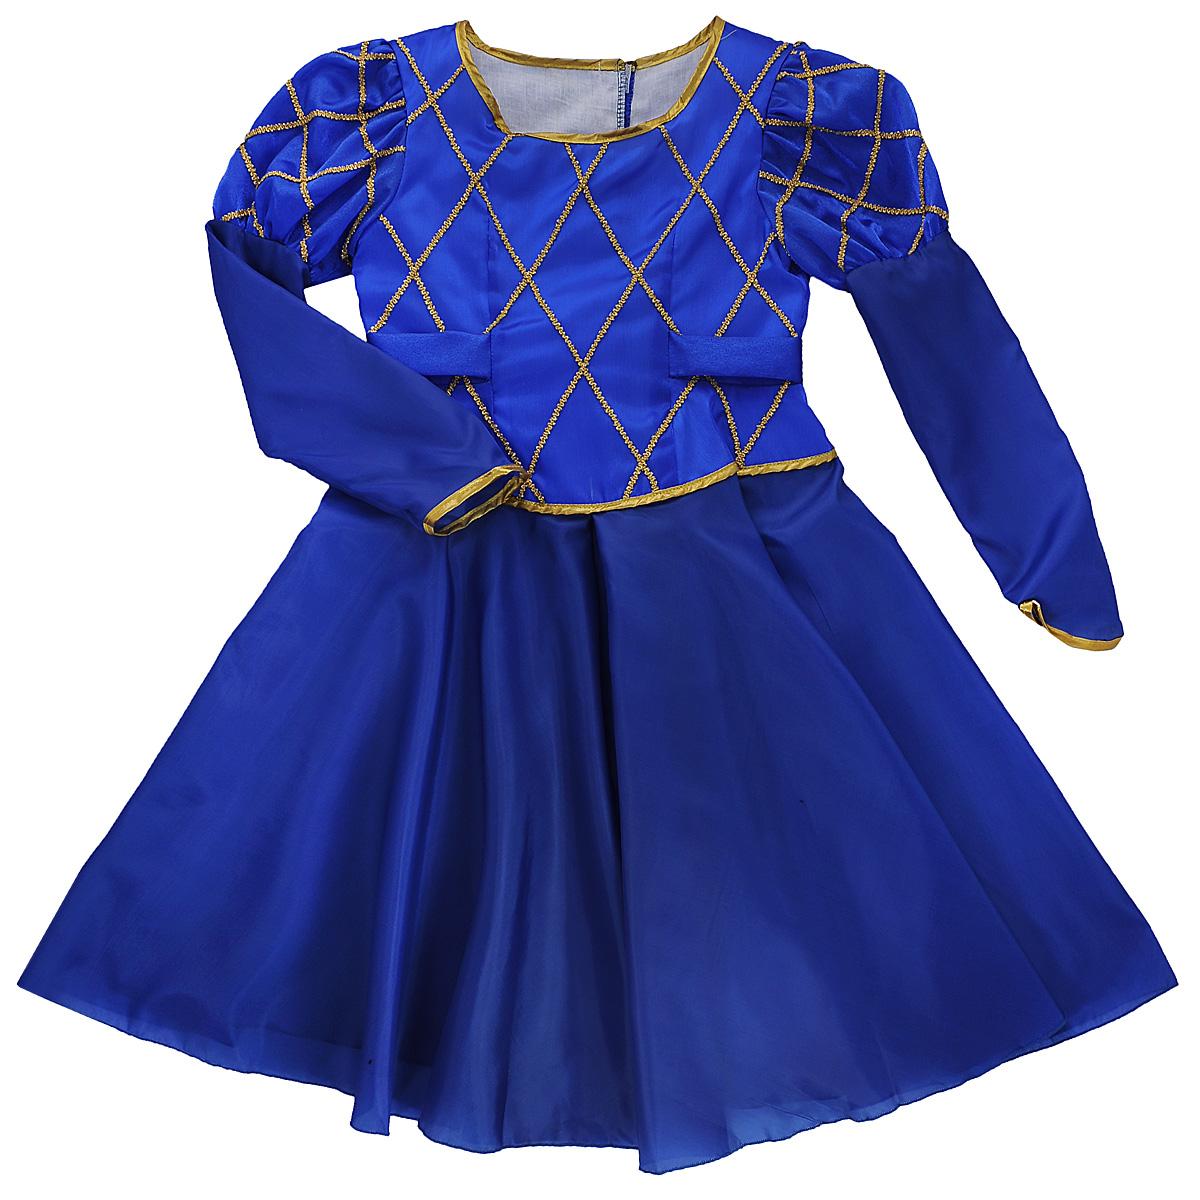 Карнавальный костюм для девочки Вестифика Принцесса, цвет: синий. 102 009. Размер 116/122 - Карнавальные костюмы и аксессуары